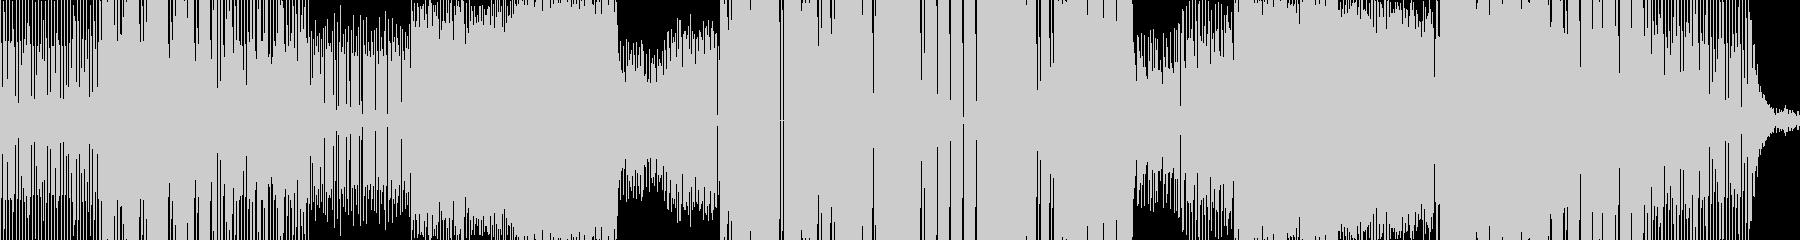 代替ポップロック。積極的な運転のア...の未再生の波形